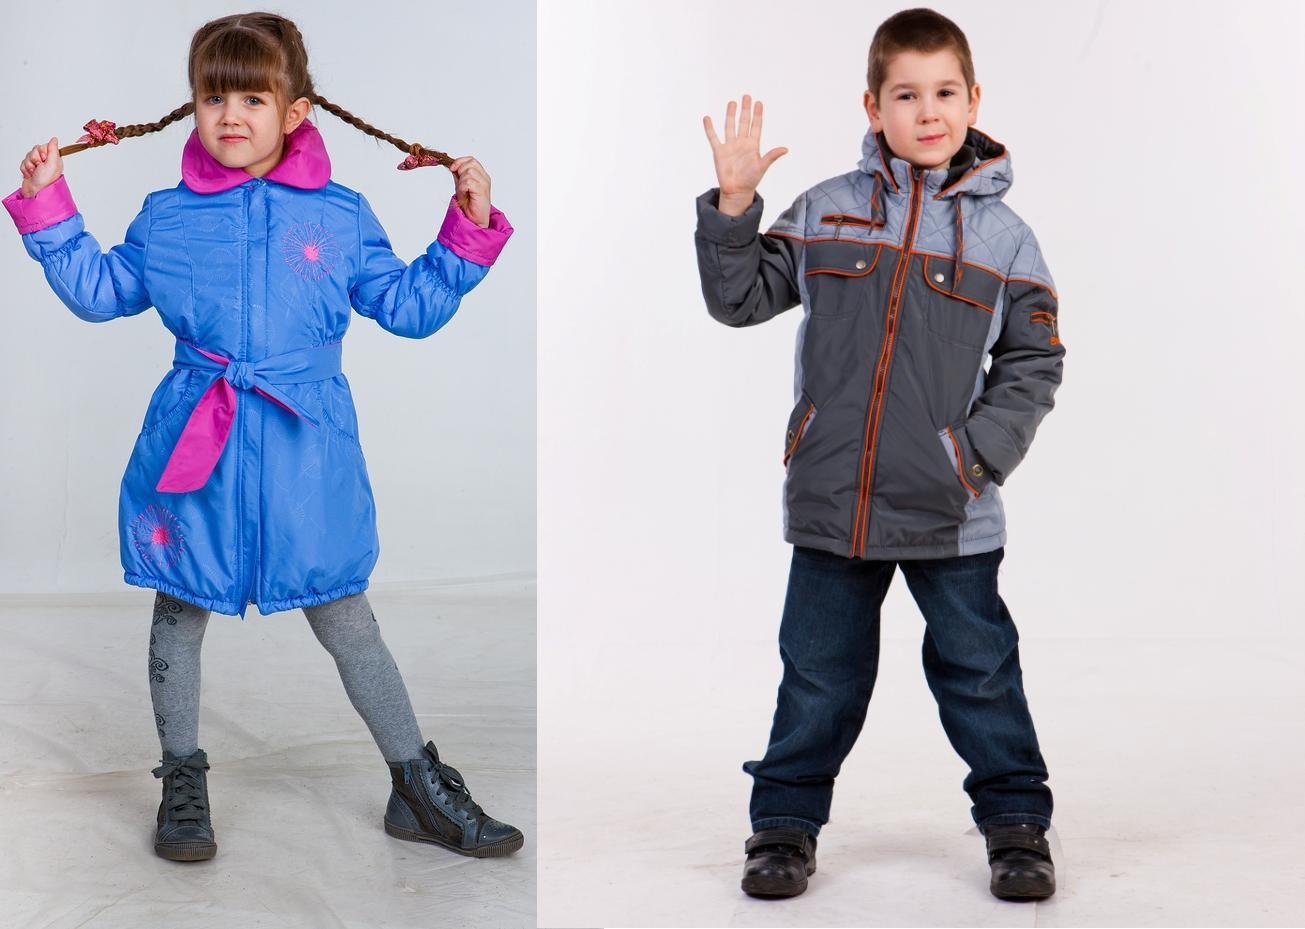 Верхняя одежда для деток и подростков от белорусских и российских производителей. Зимние и демисезонные модели, р-ры 68-164, без рядов. Есть распродажа. У всех цены растут, а у нас нет! Выкуп 22